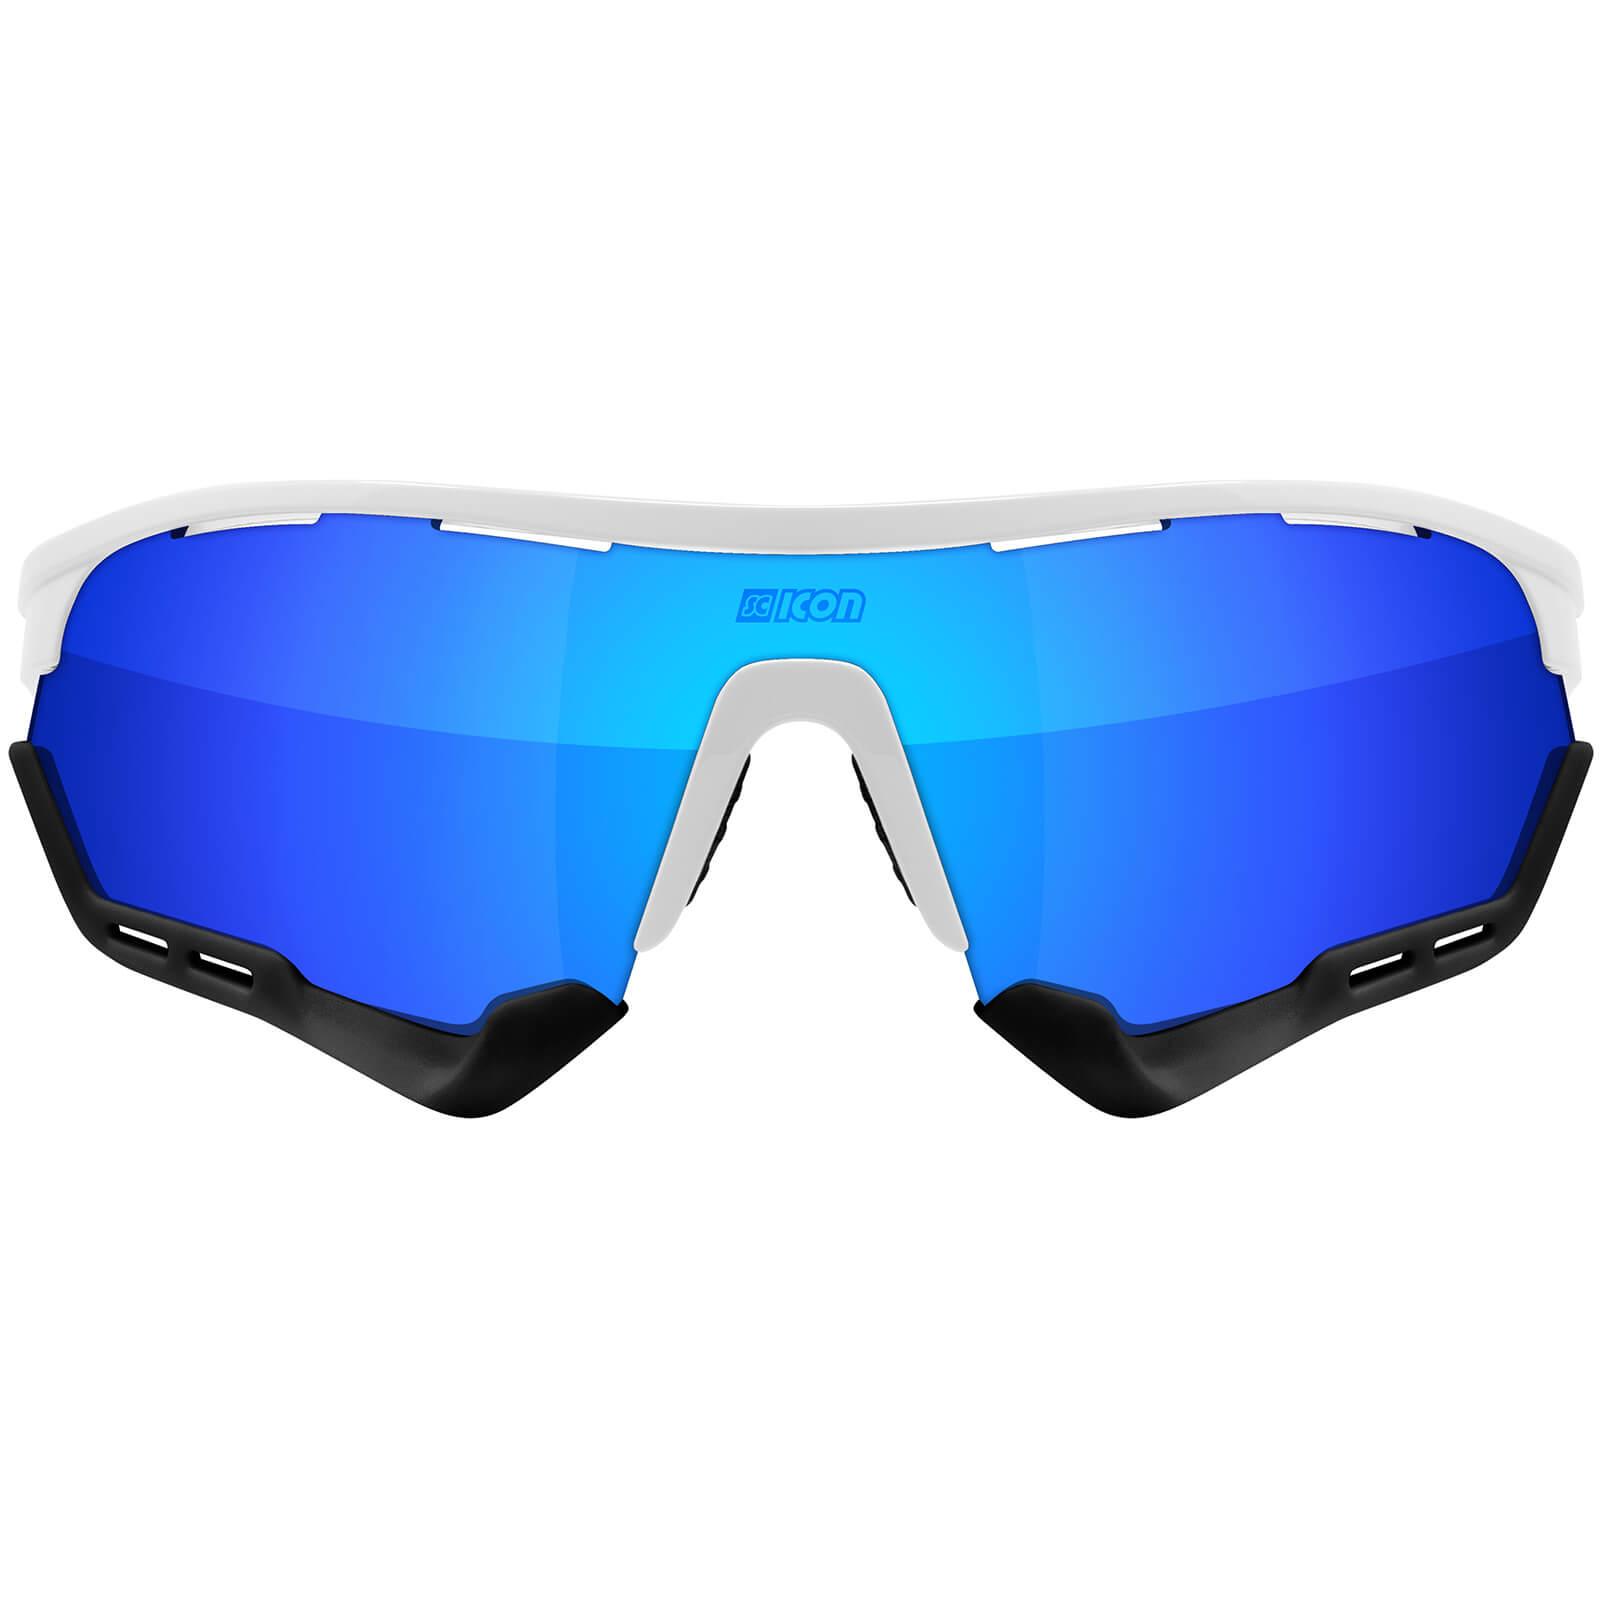 Scicon Aerotech Xl Road Sunglasses - White Gloss - Multilaser Blue